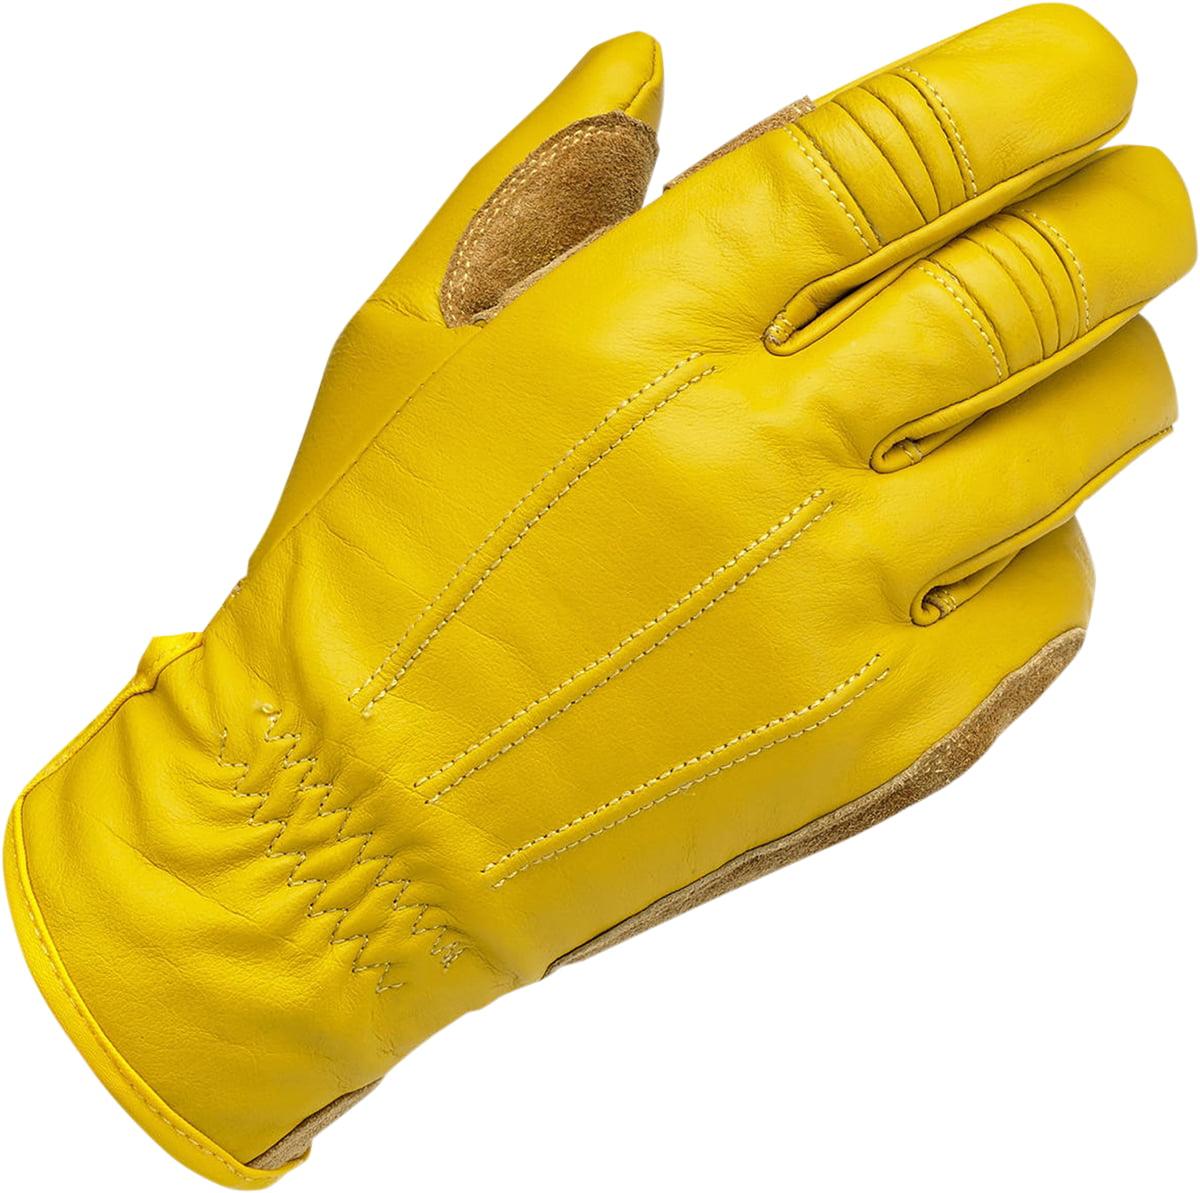 BILTWELL Work Gloves Gold Md  GW-MED-01-GD